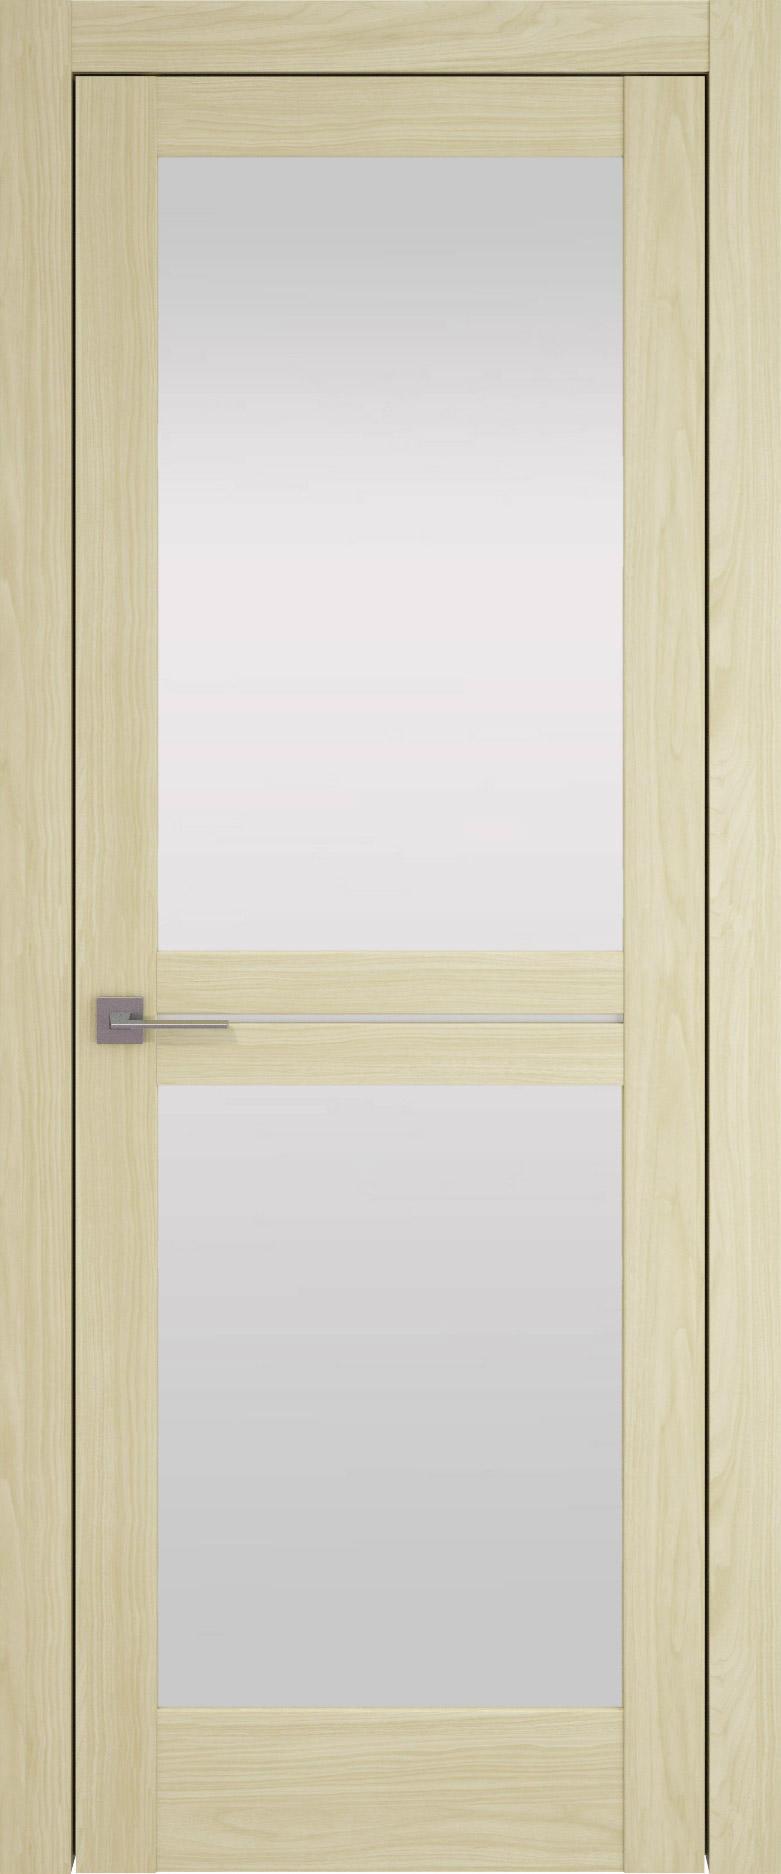 Elegante цвет - Дуб нордик Со стеклом (ДО)